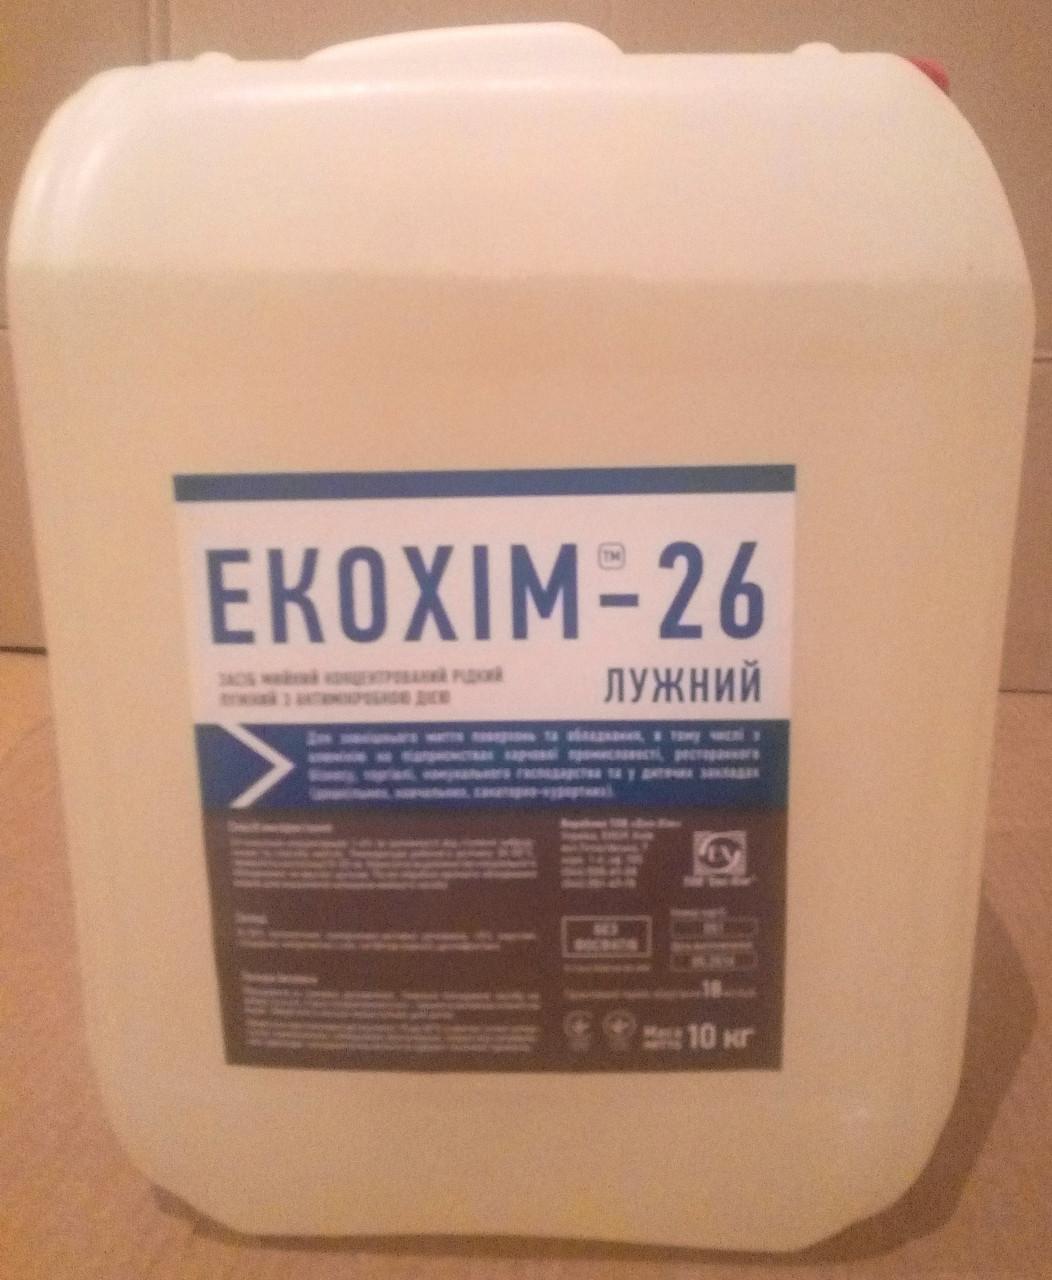 Моющее средство для алюминиевых поверхностей, Экохим 26, 10кг